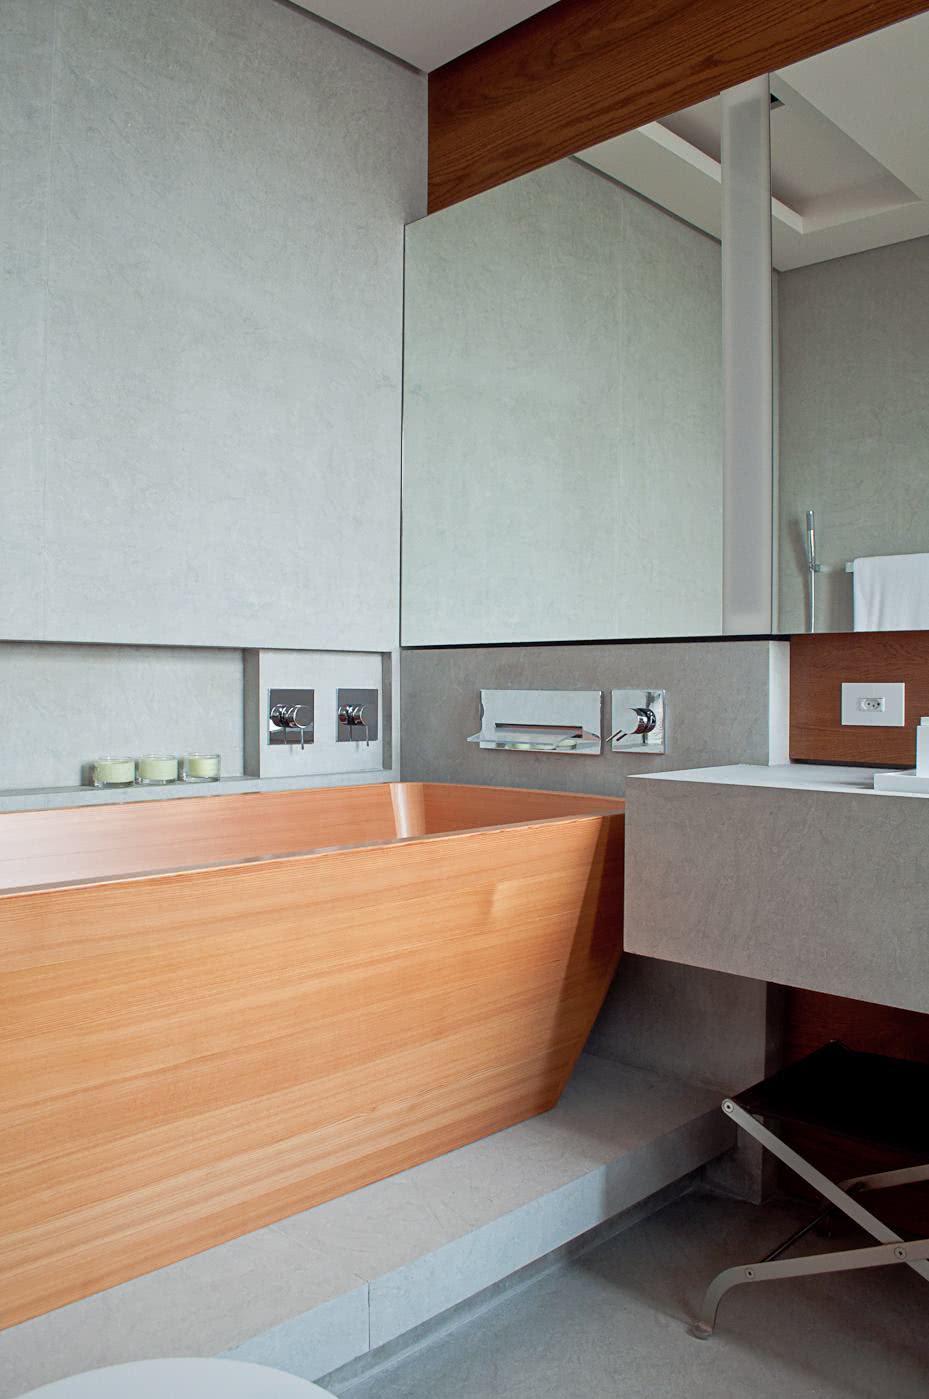 Banheiro moderno com nicho de embutir perto da banheira